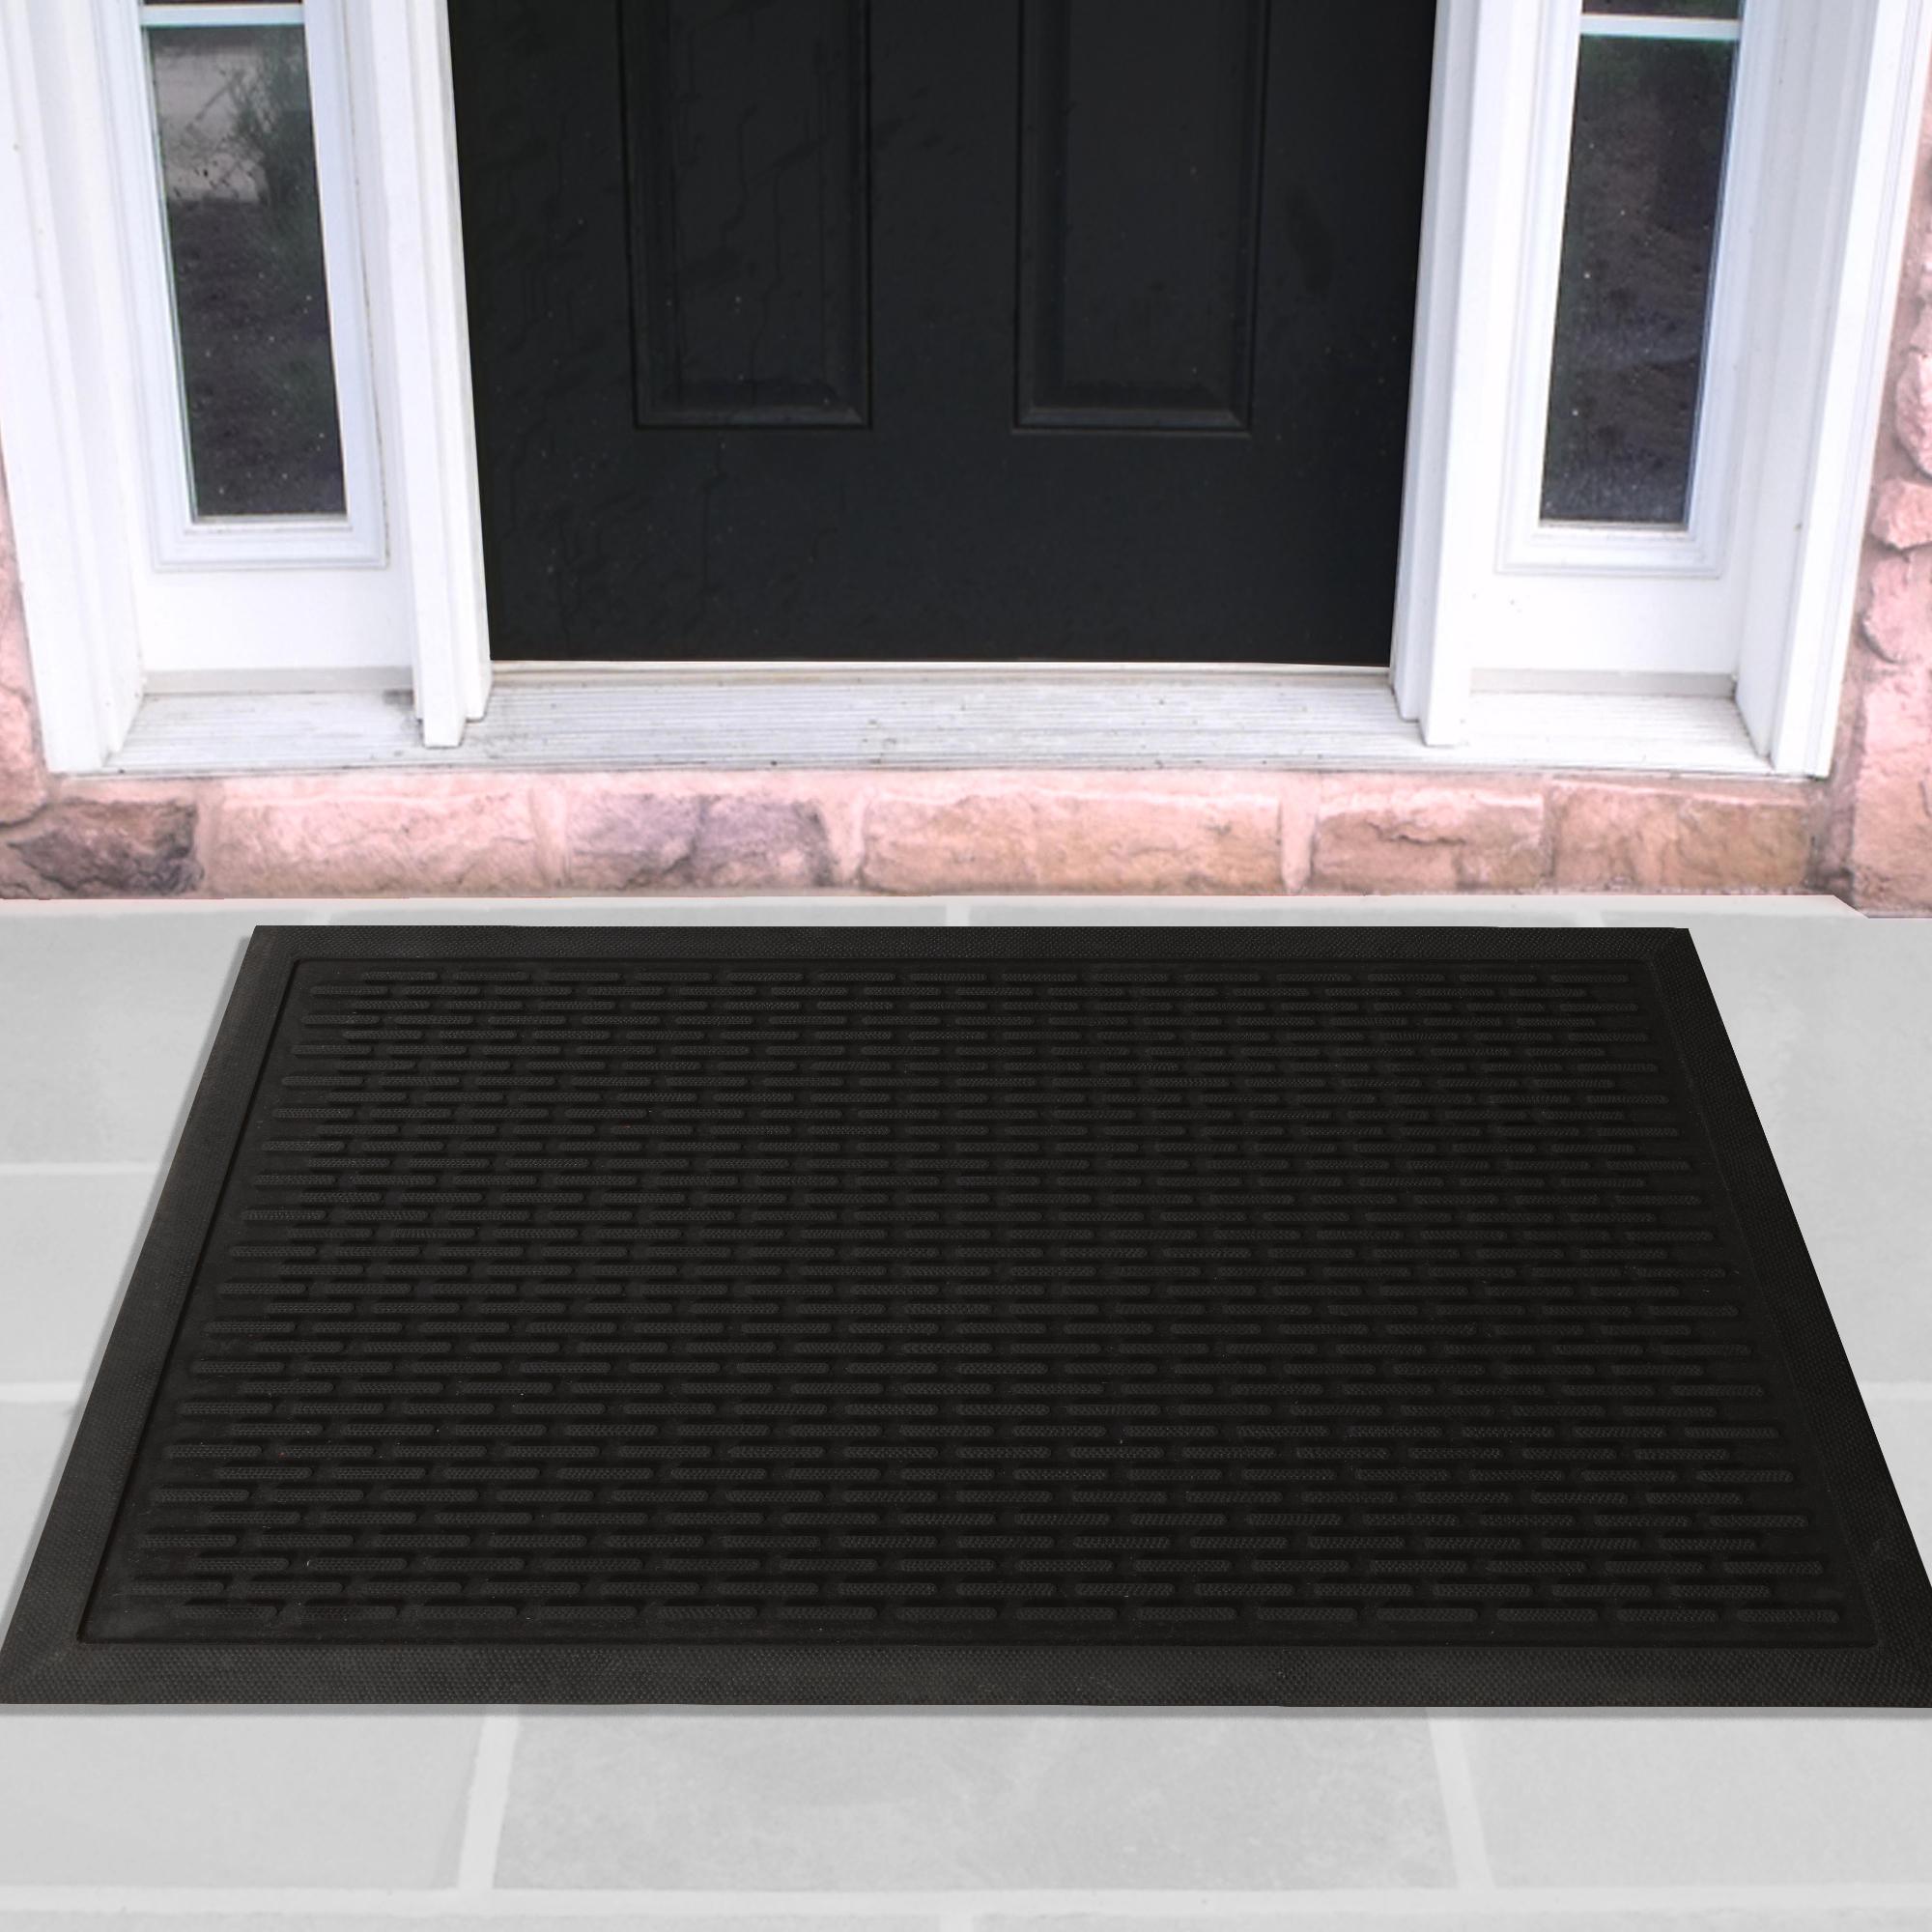 Rubber Entrance Scraper Doormat Entrance Rug Indoor/Outdoor Door mat, Shoe Scraper Entryway,Garage and Laundry room Floor Mat, Weather-Resistant